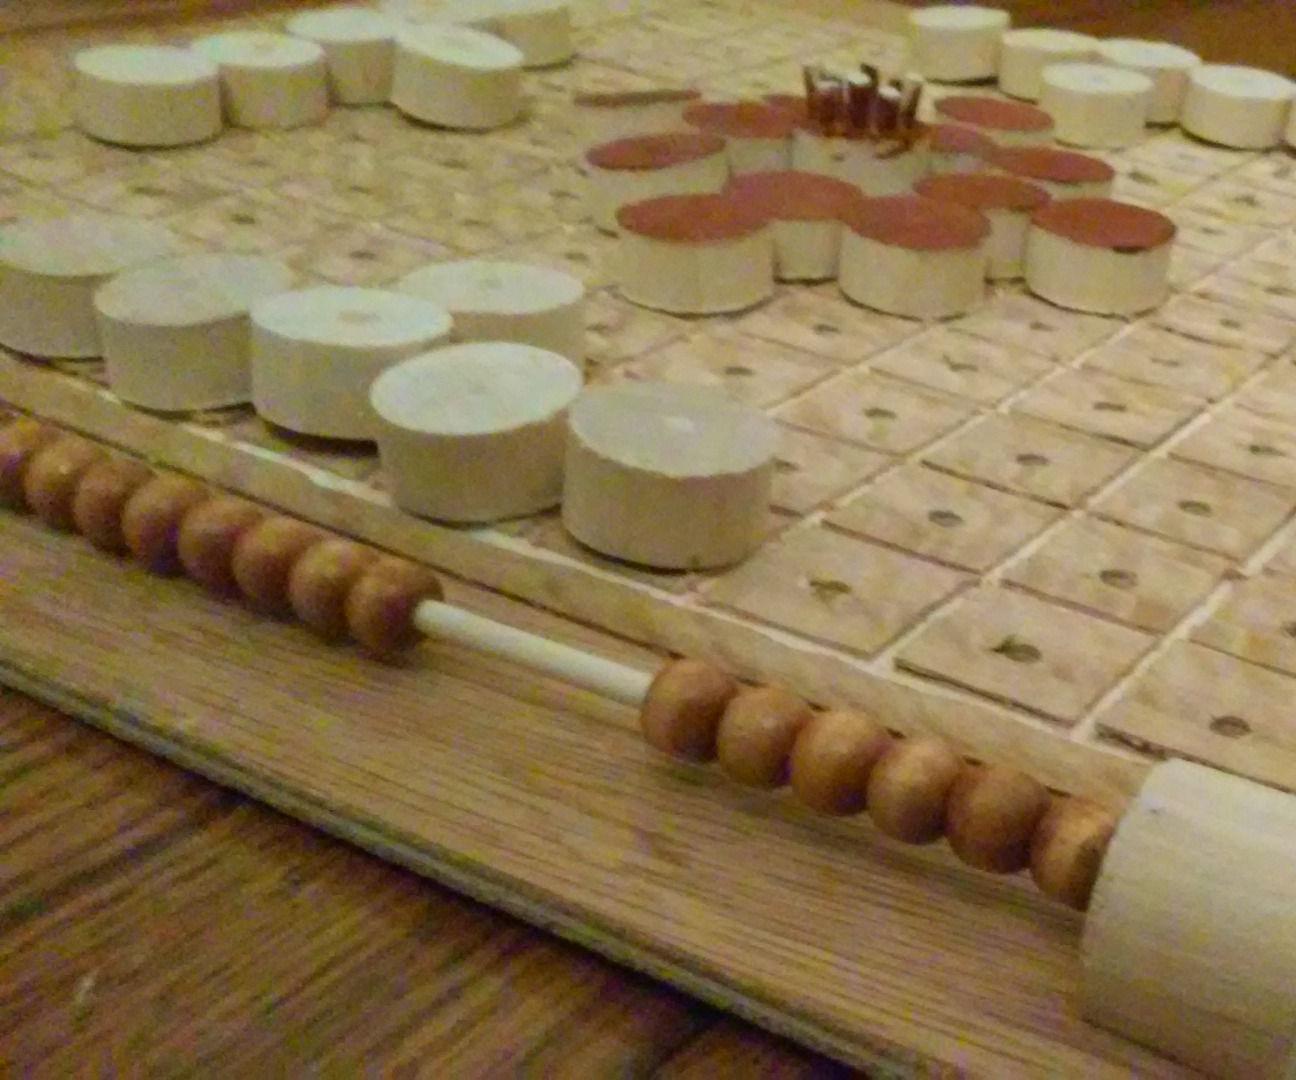 Hnefatafl Board - The Viking Board Game